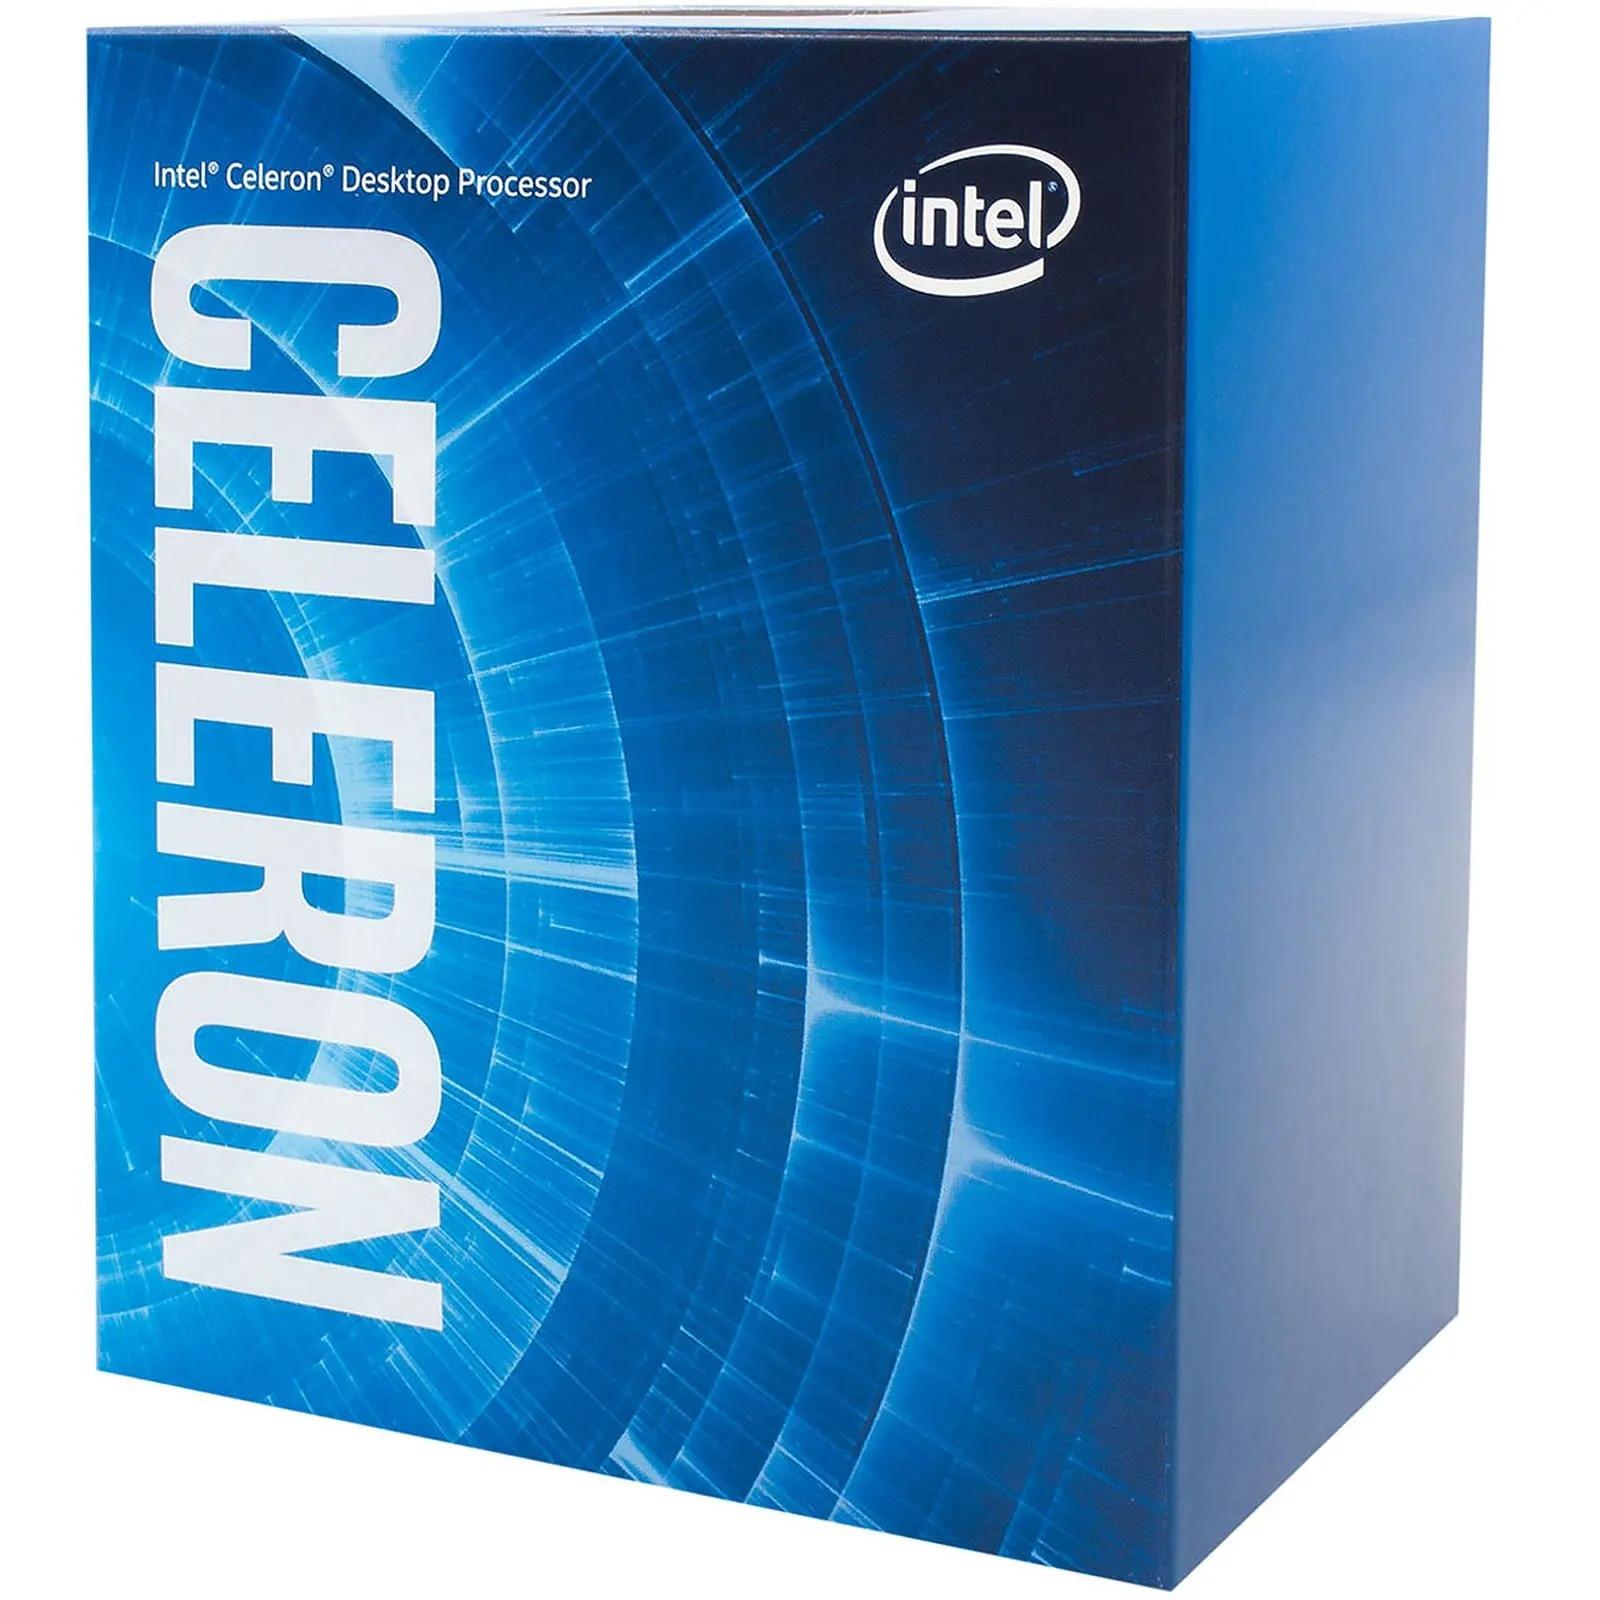 Fotografie Procesor Intel® Celeron® G4930, 3.2GHz, 2MB, Socket 1151 - Chipset seria 300